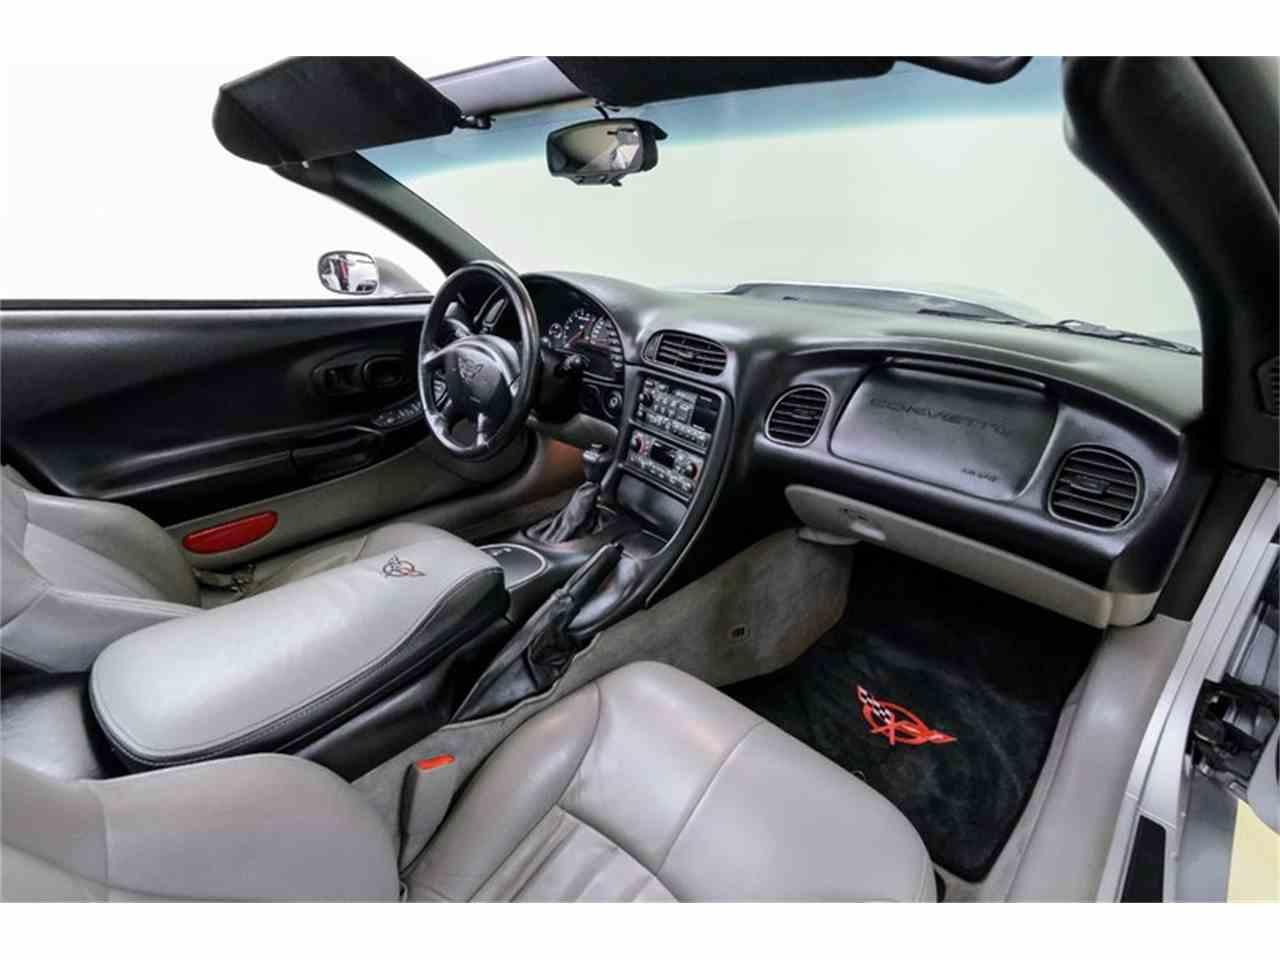 Large Picture of '99 Corvette located in North Carolina - $16,500.00 - L5RU